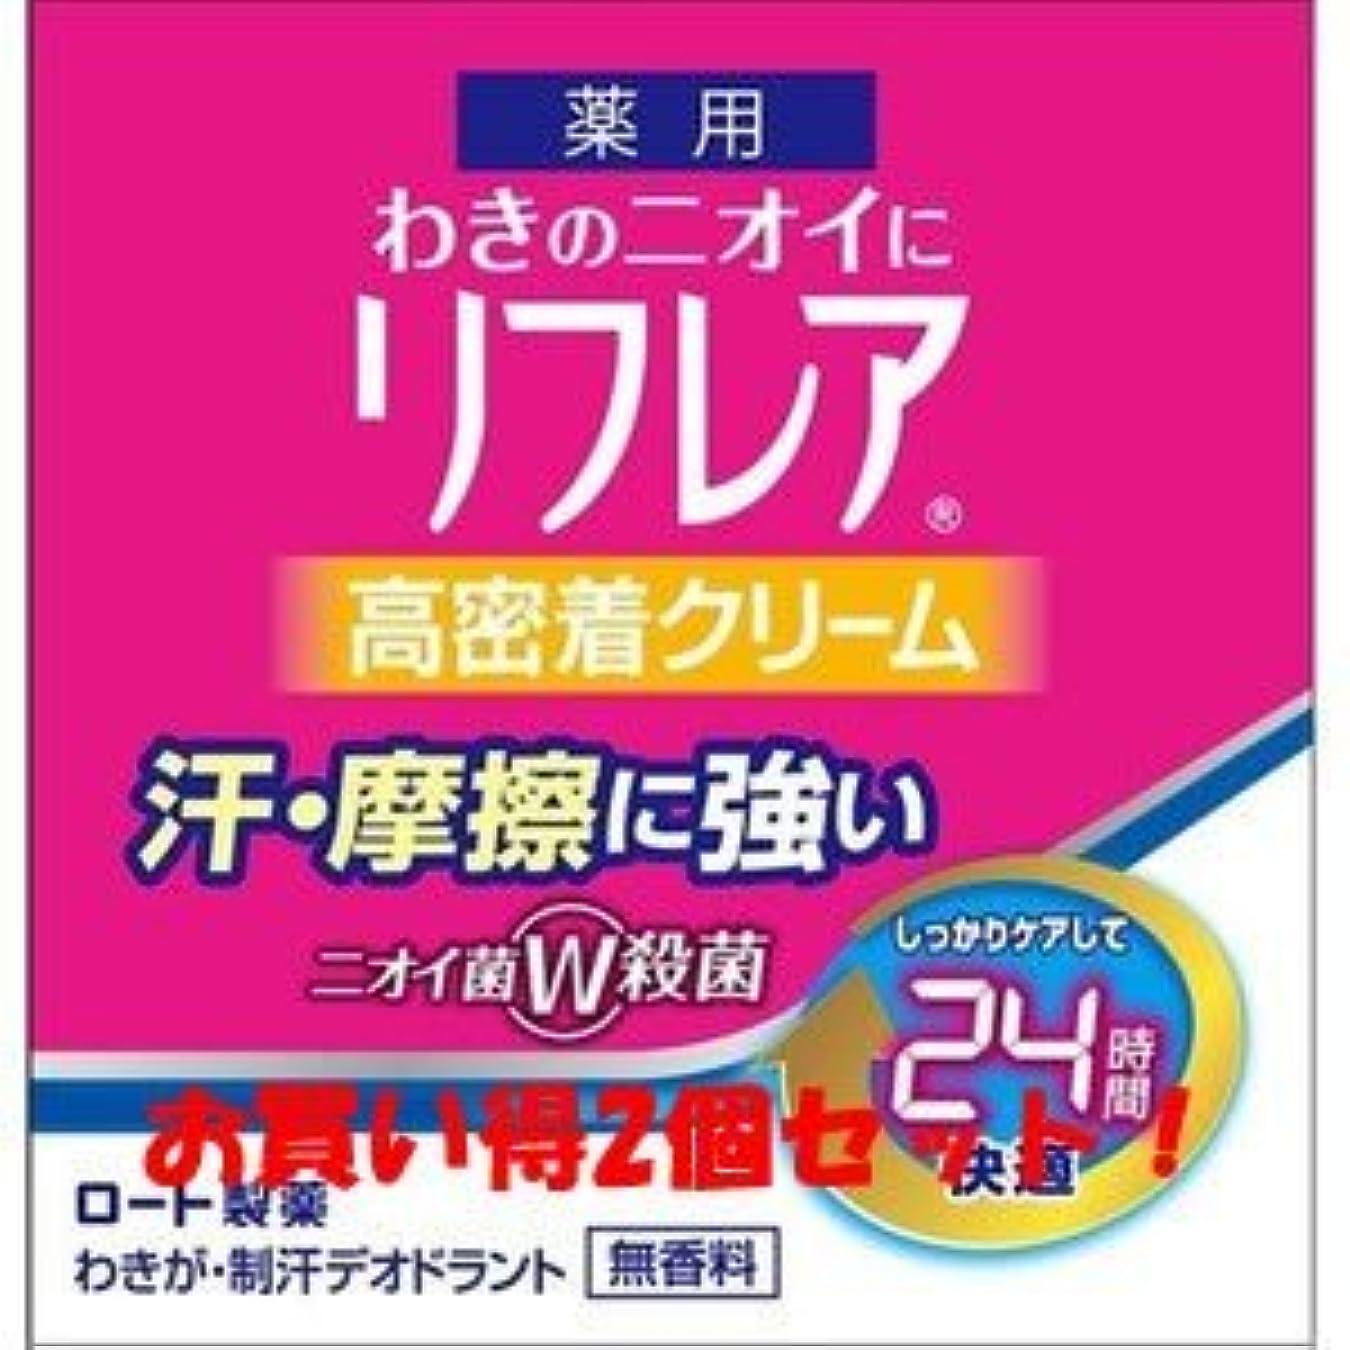 であるアシュリータファーマンキャメル(ロート製薬)メンソレータム リフレア デオドラントクリーム 55g(医薬部外品)(お買い得2個セット)